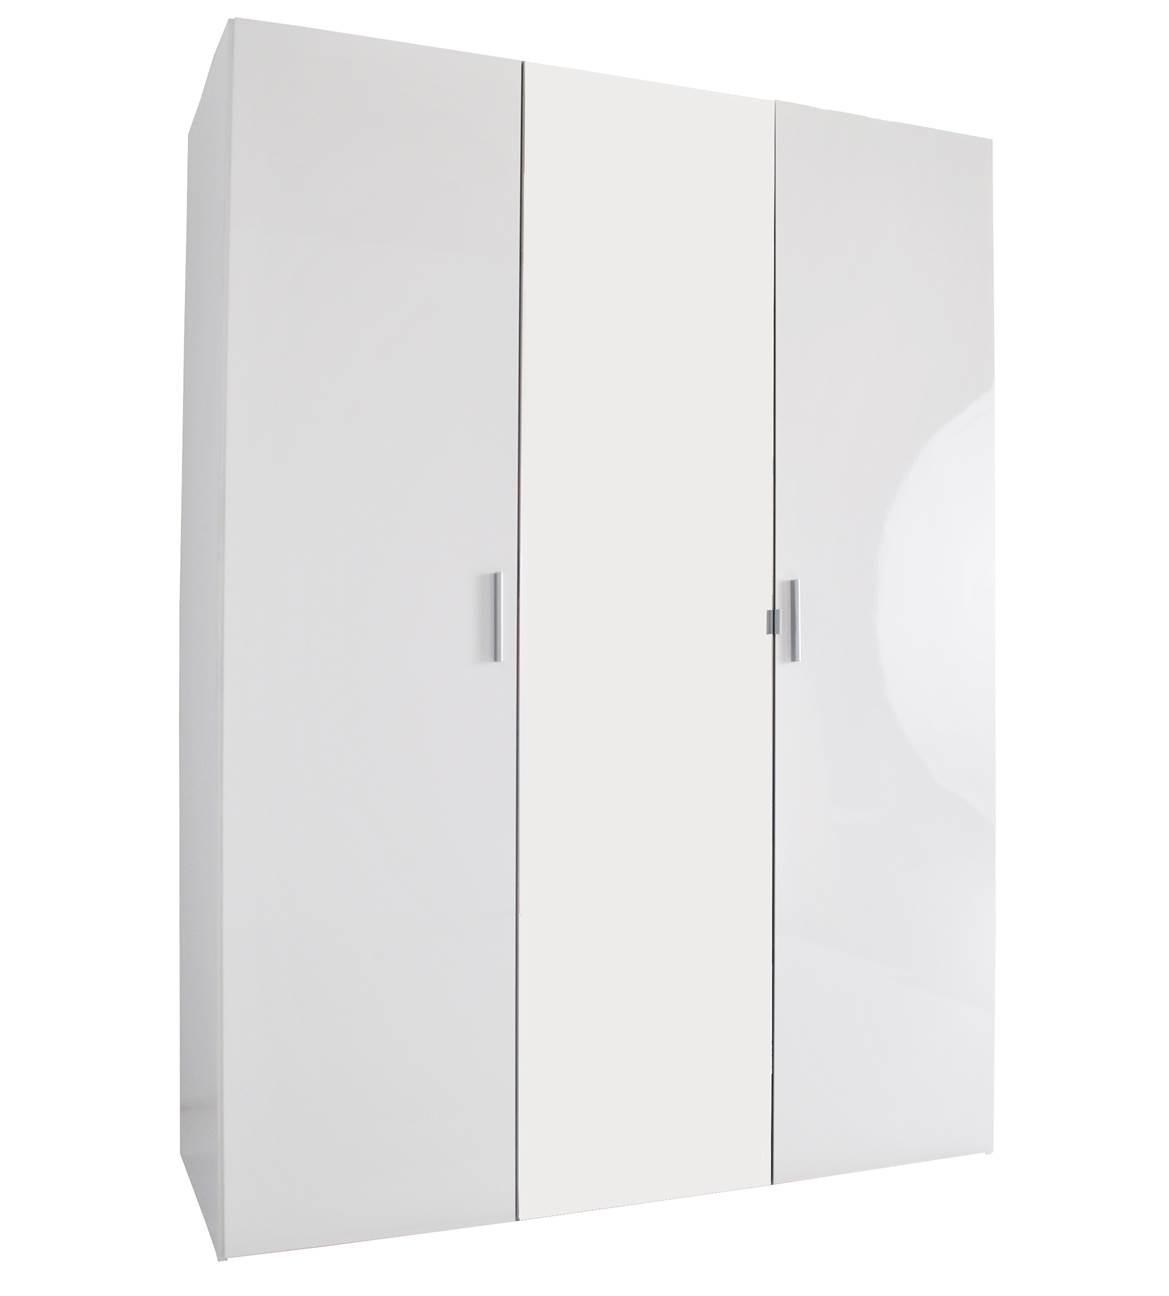 JAX 3 Door Mirrored Wardrobe - High Gloss White